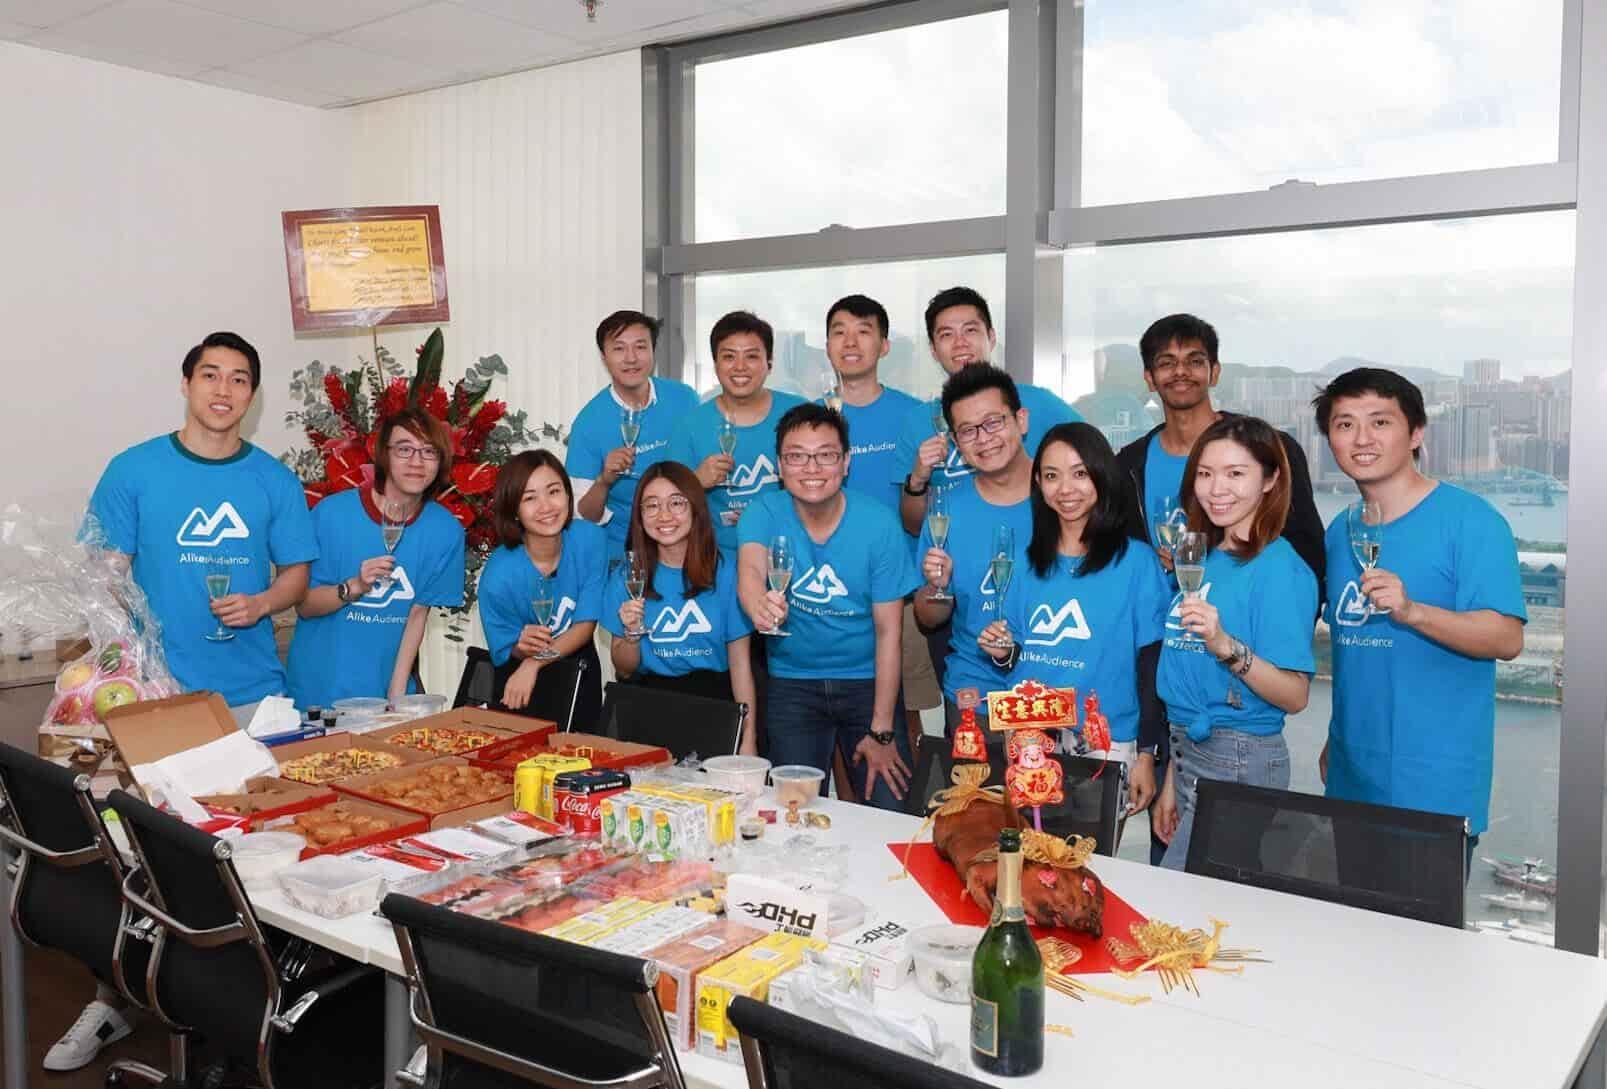 AlikeAudience (HK) - IT Development Lead